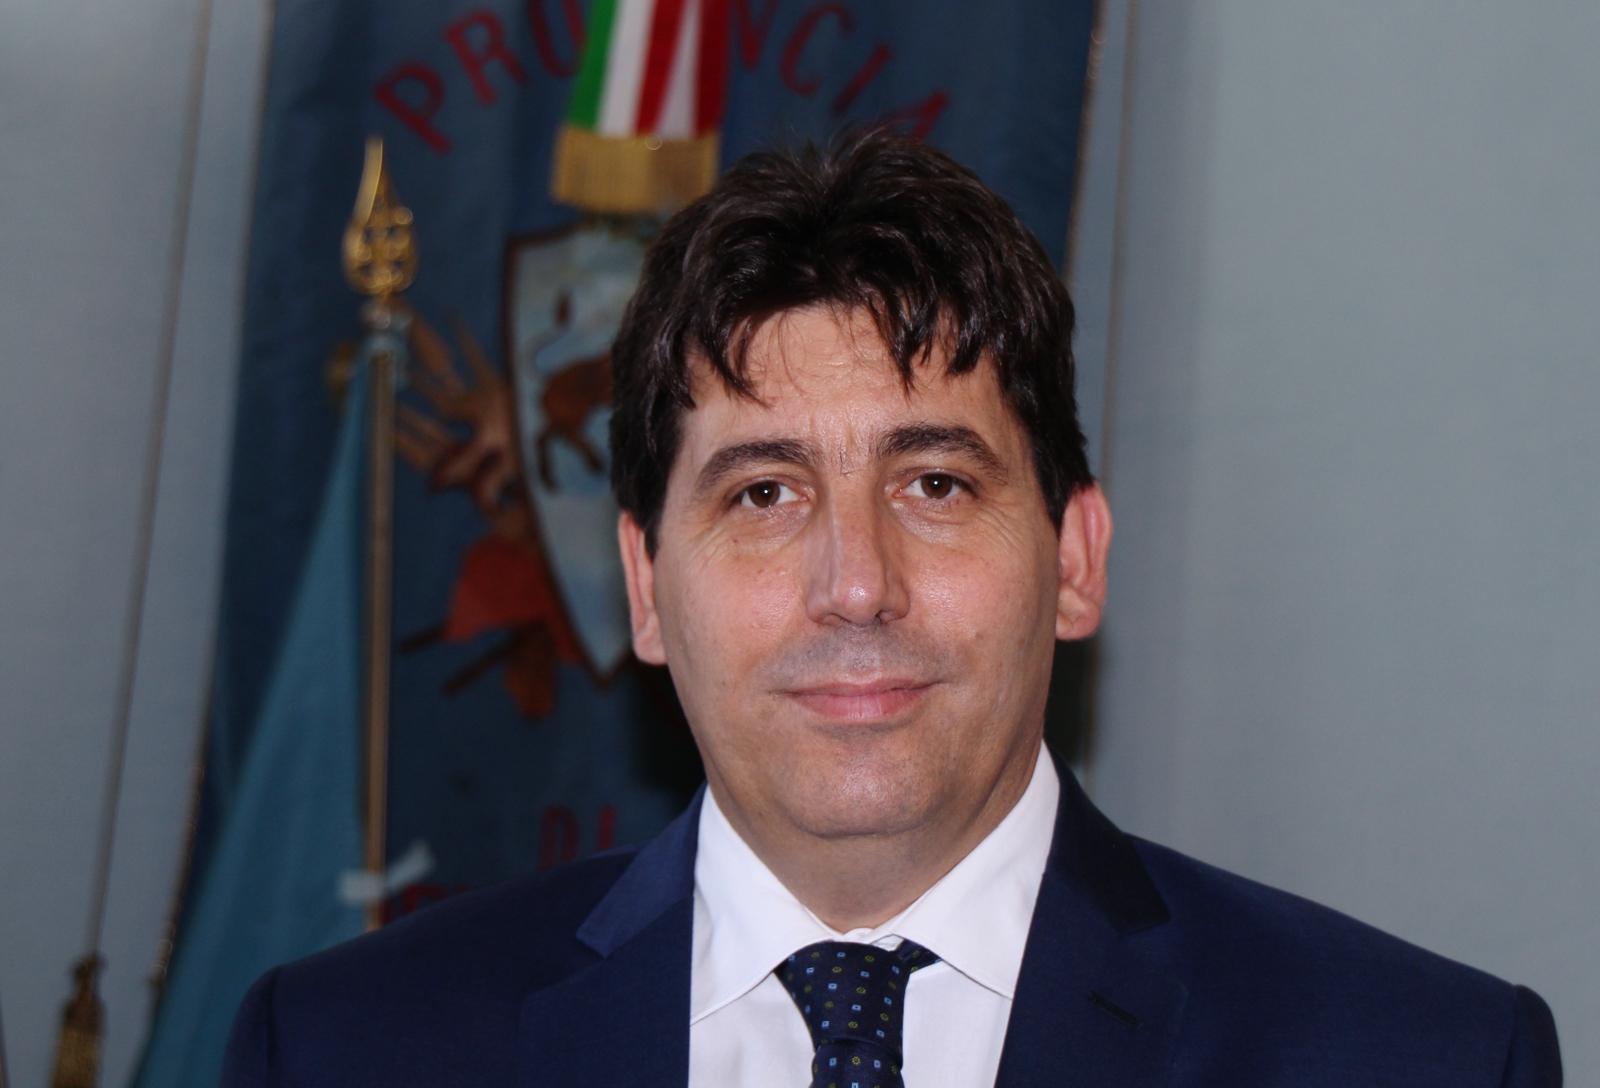 Arresti ad Arpaia, le congratulazioni del sindaco di Airola  alle Forze dell'Ordine